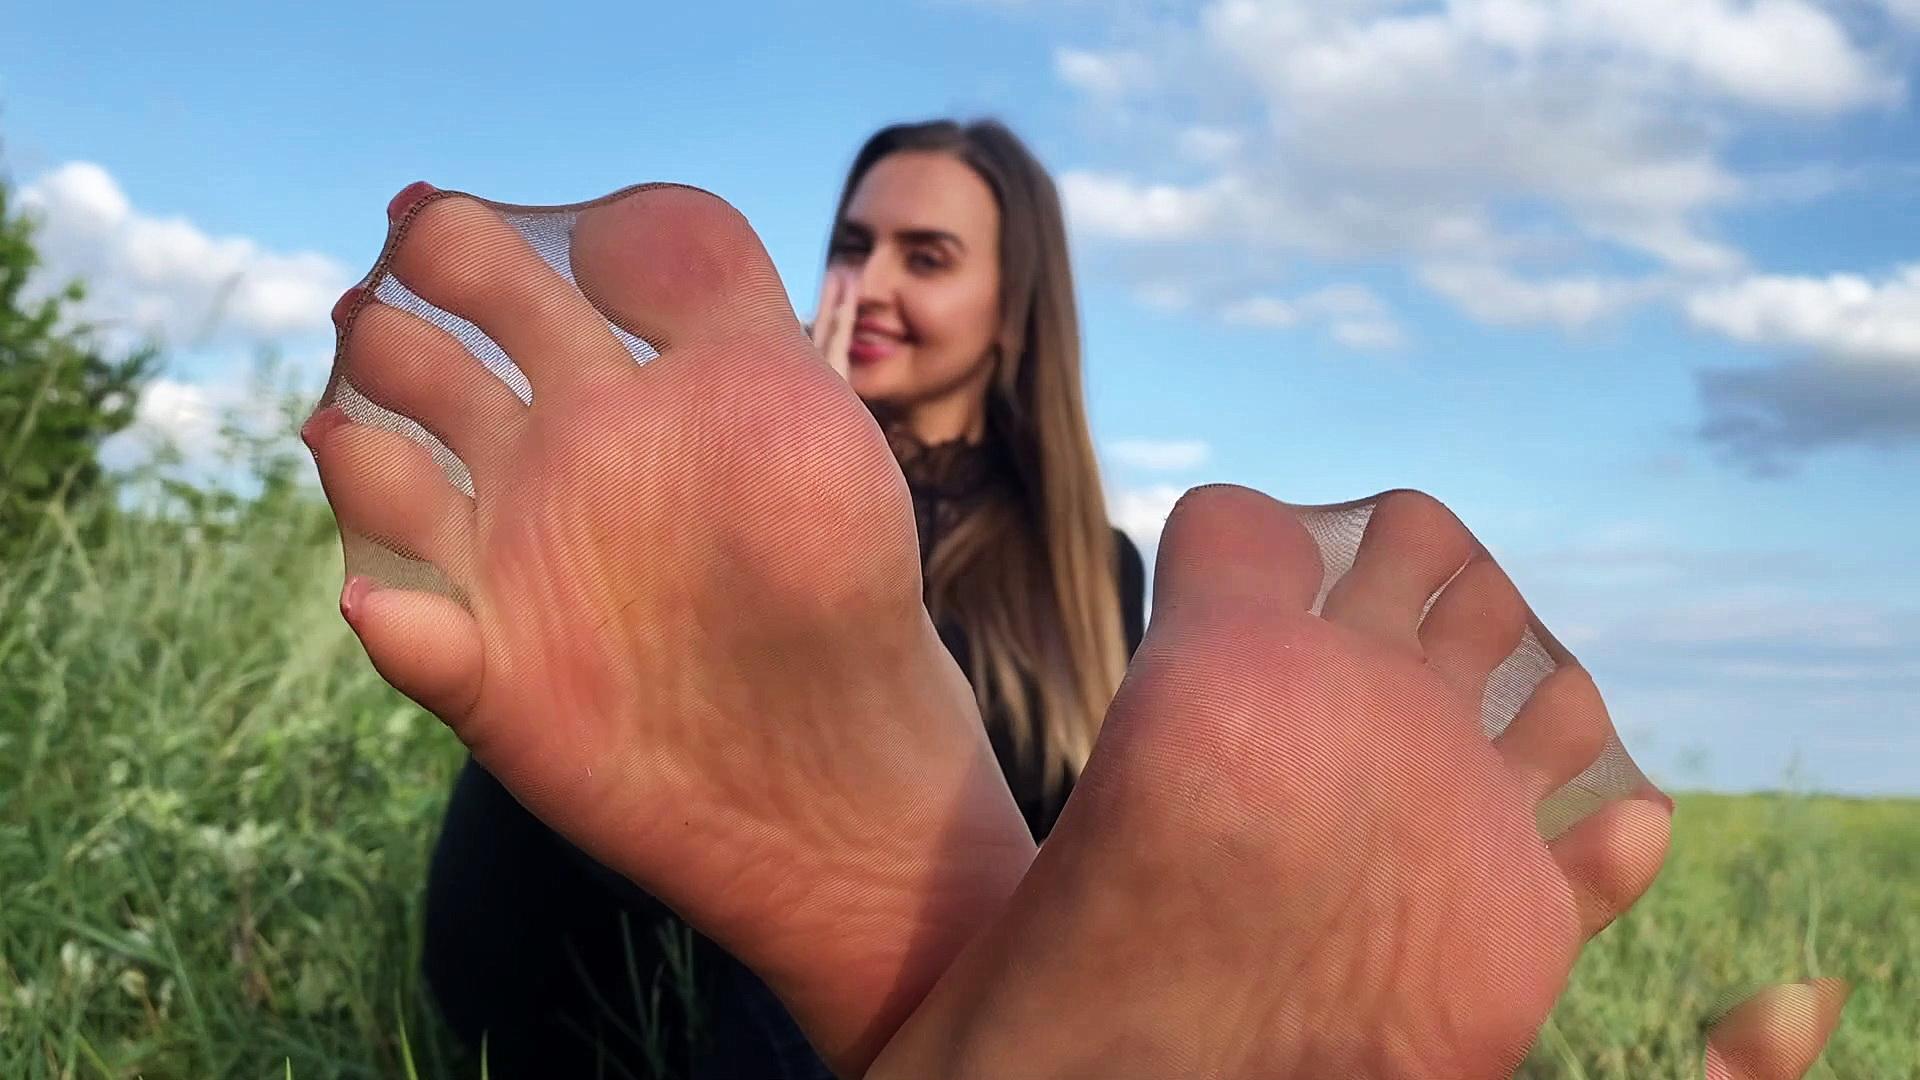 Goddess-Lena Porno Video: Bei 0 spritzt du für meine Nylonfüsse